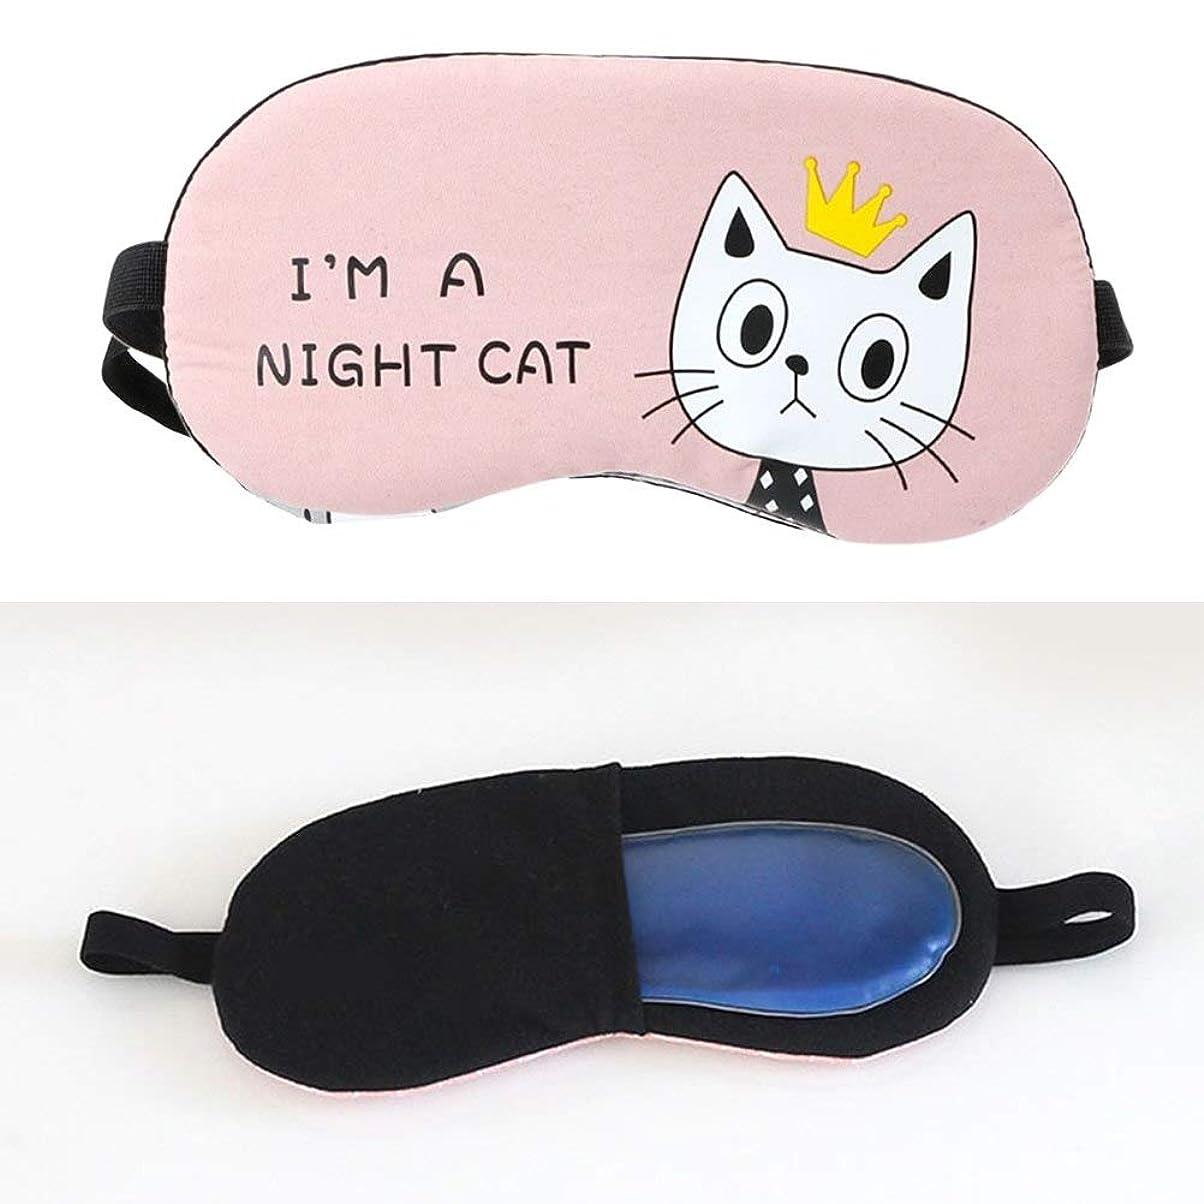 八うぬぼれたブレイズNOTE アイマスクアイス圧縮かわいい猫漫画プリント睡眠マスク目隠しアイパッチ